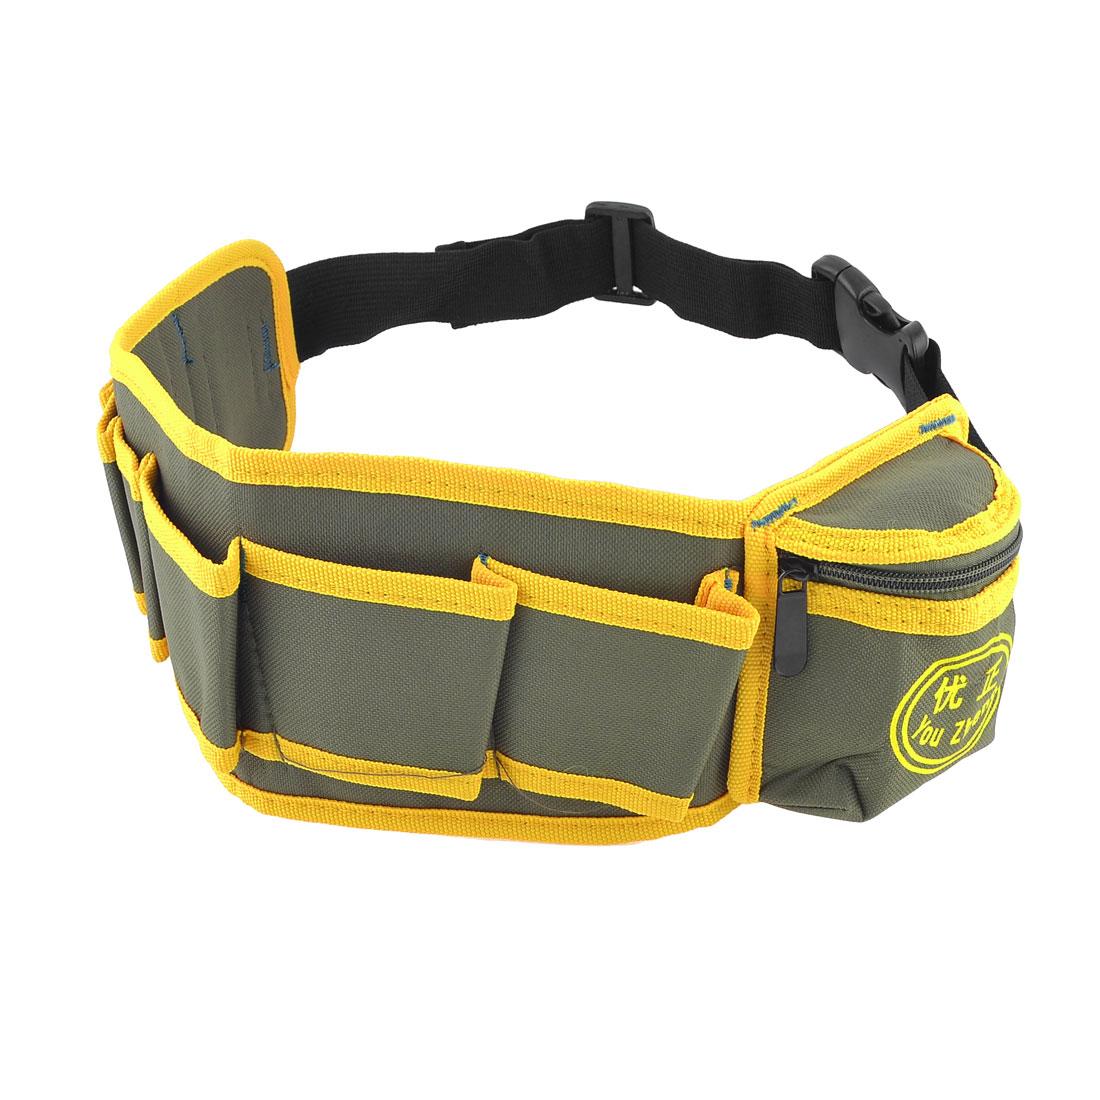 Electrician-Carpenter-Adjustable-Waist-Strap-Tool-Belt-Bag-Holder